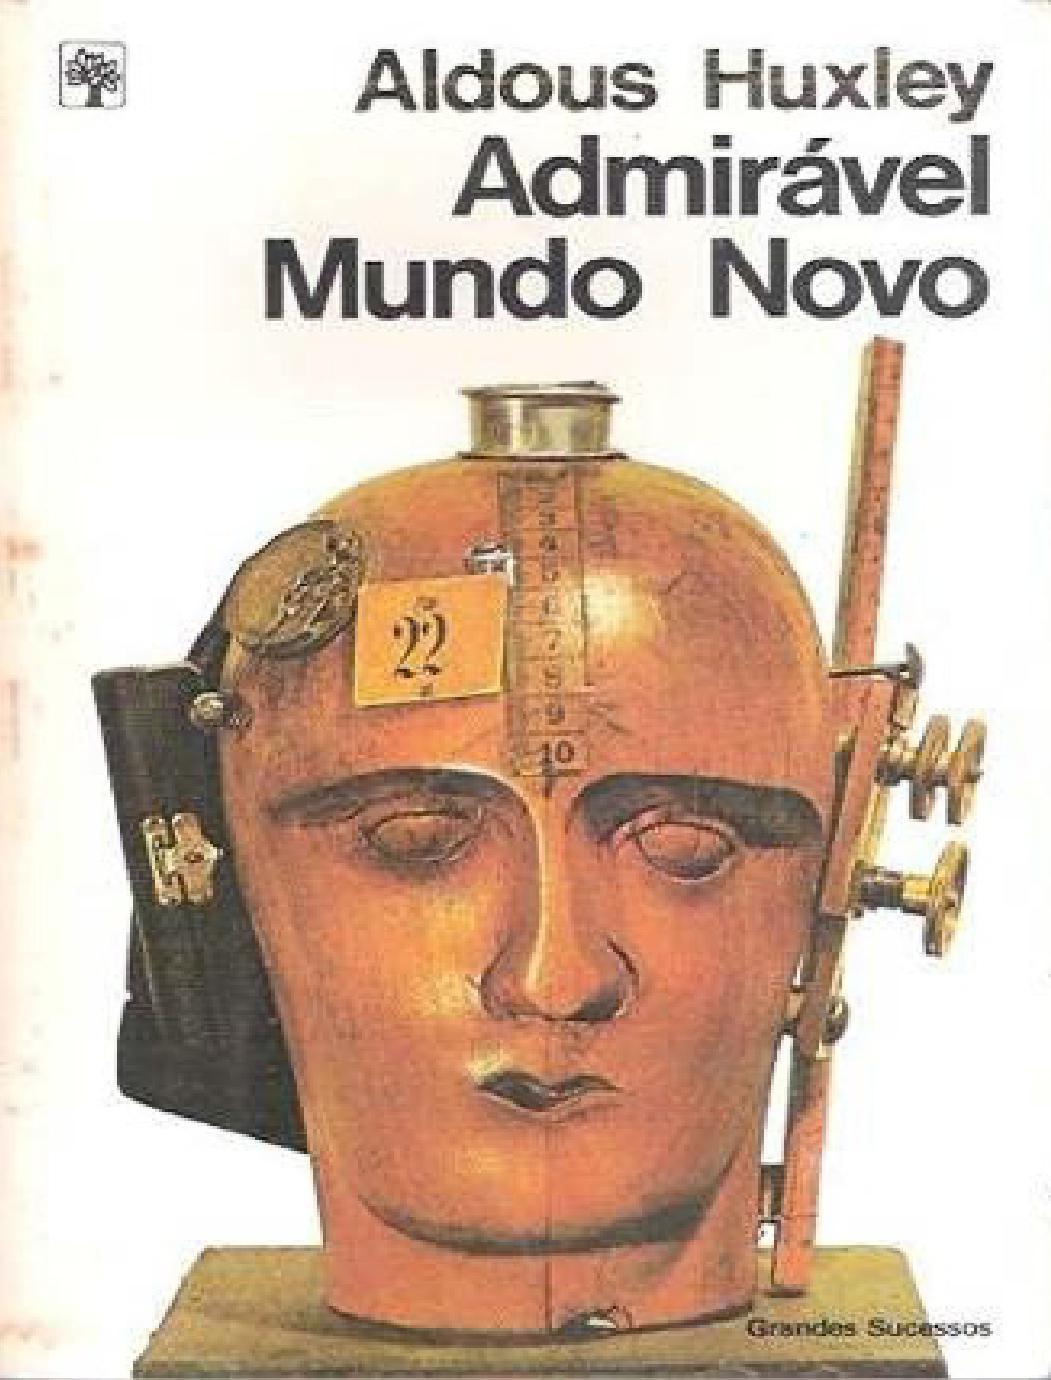 Admiravel Mundo Novo Aldous Huxley By Geovane Riolfi Ferraz Issuu